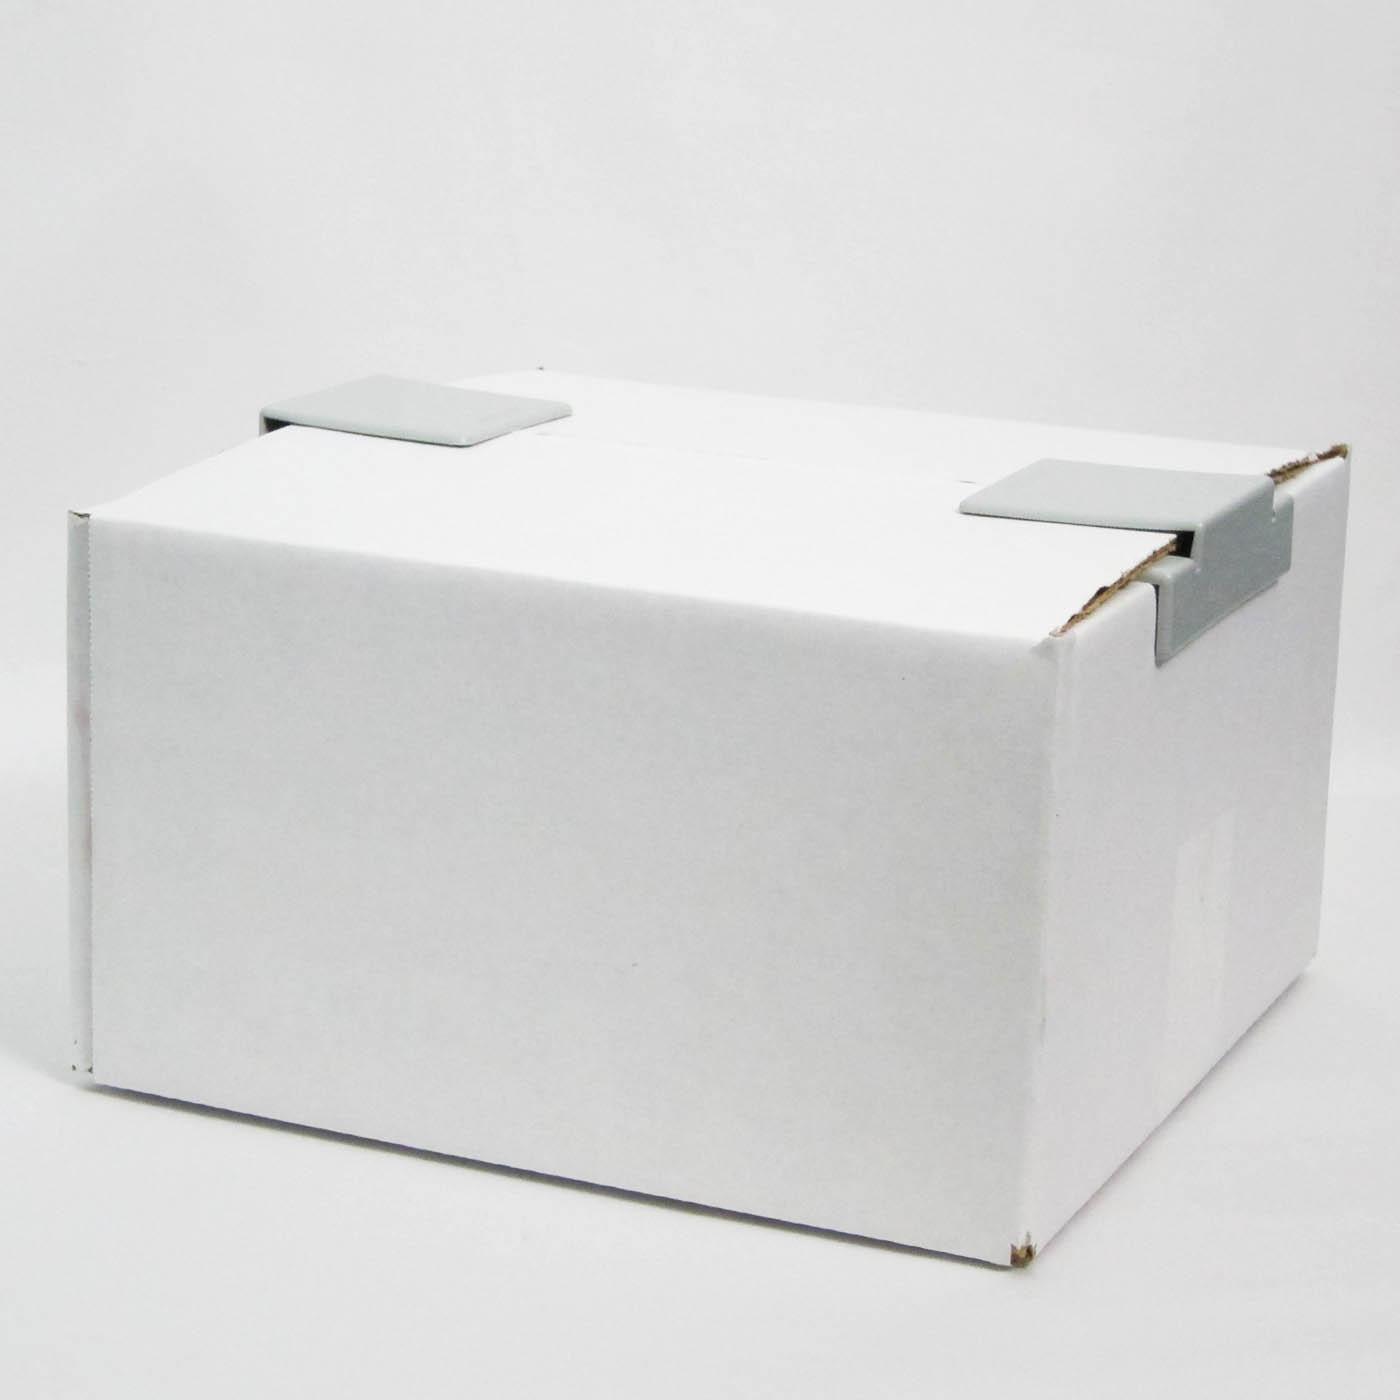 Flaplok - A Flap Lock for Boxes